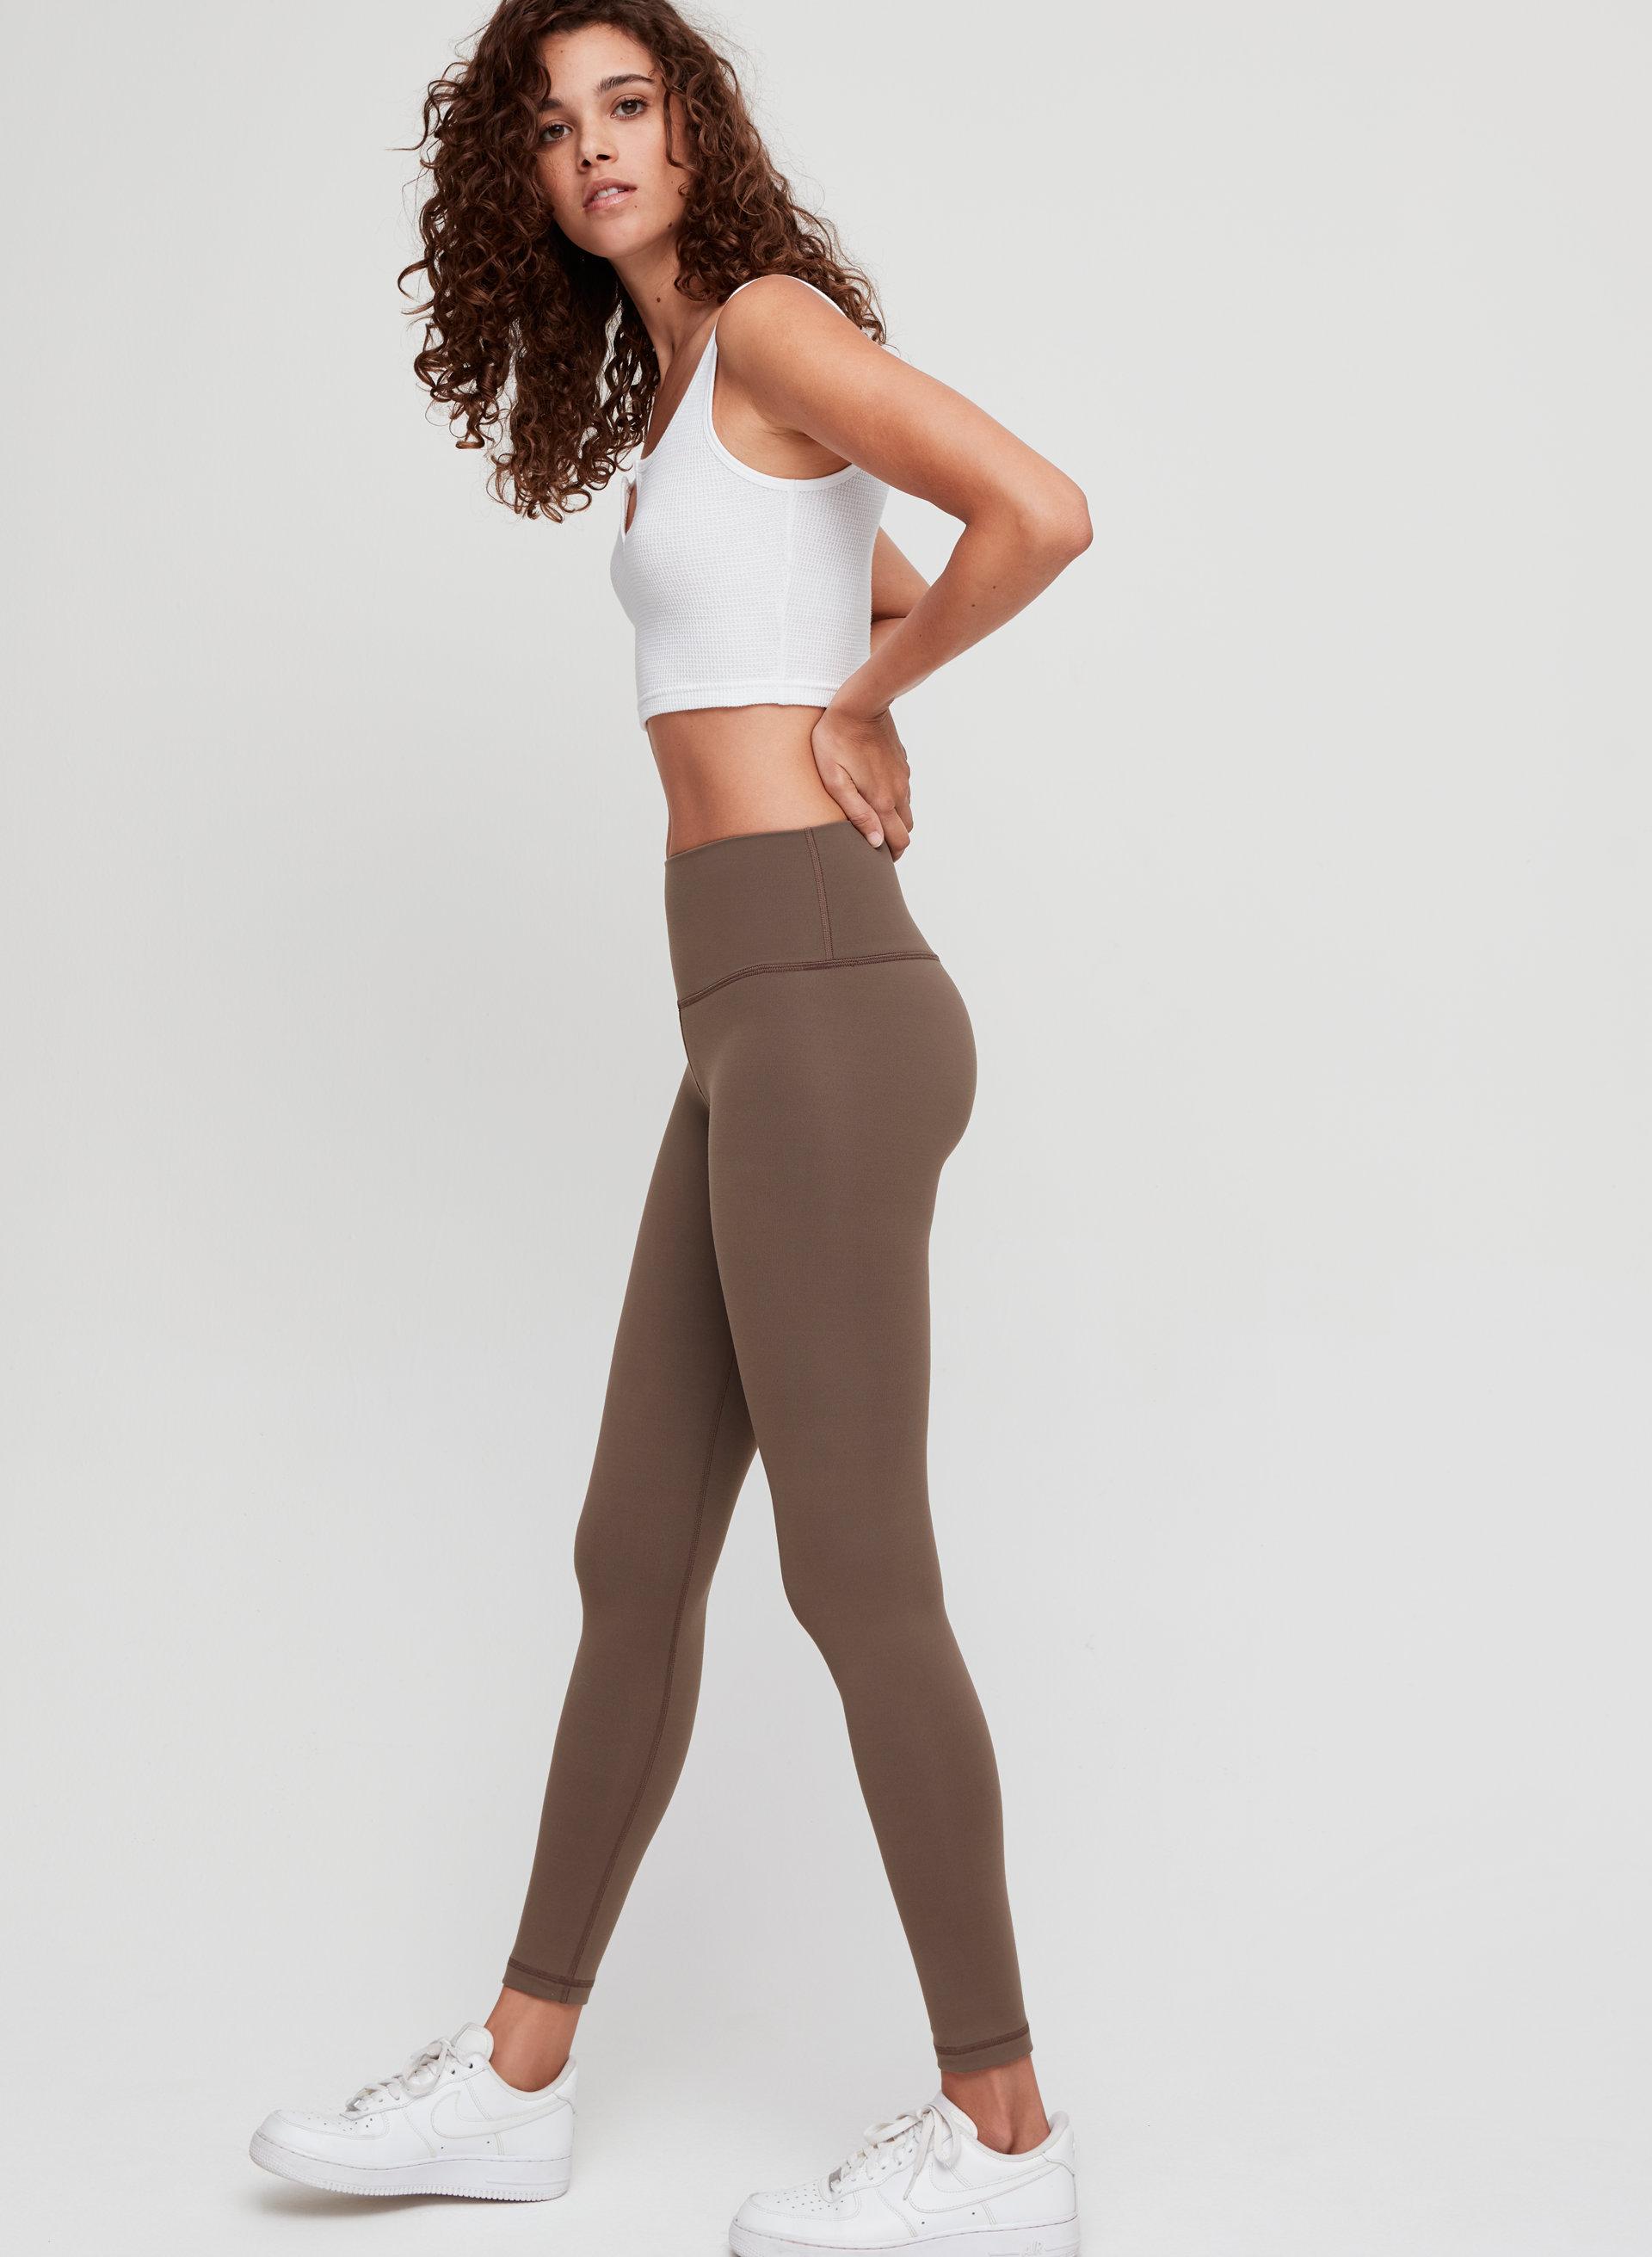 861d3badac atmosphere legging High-waisted workout legging